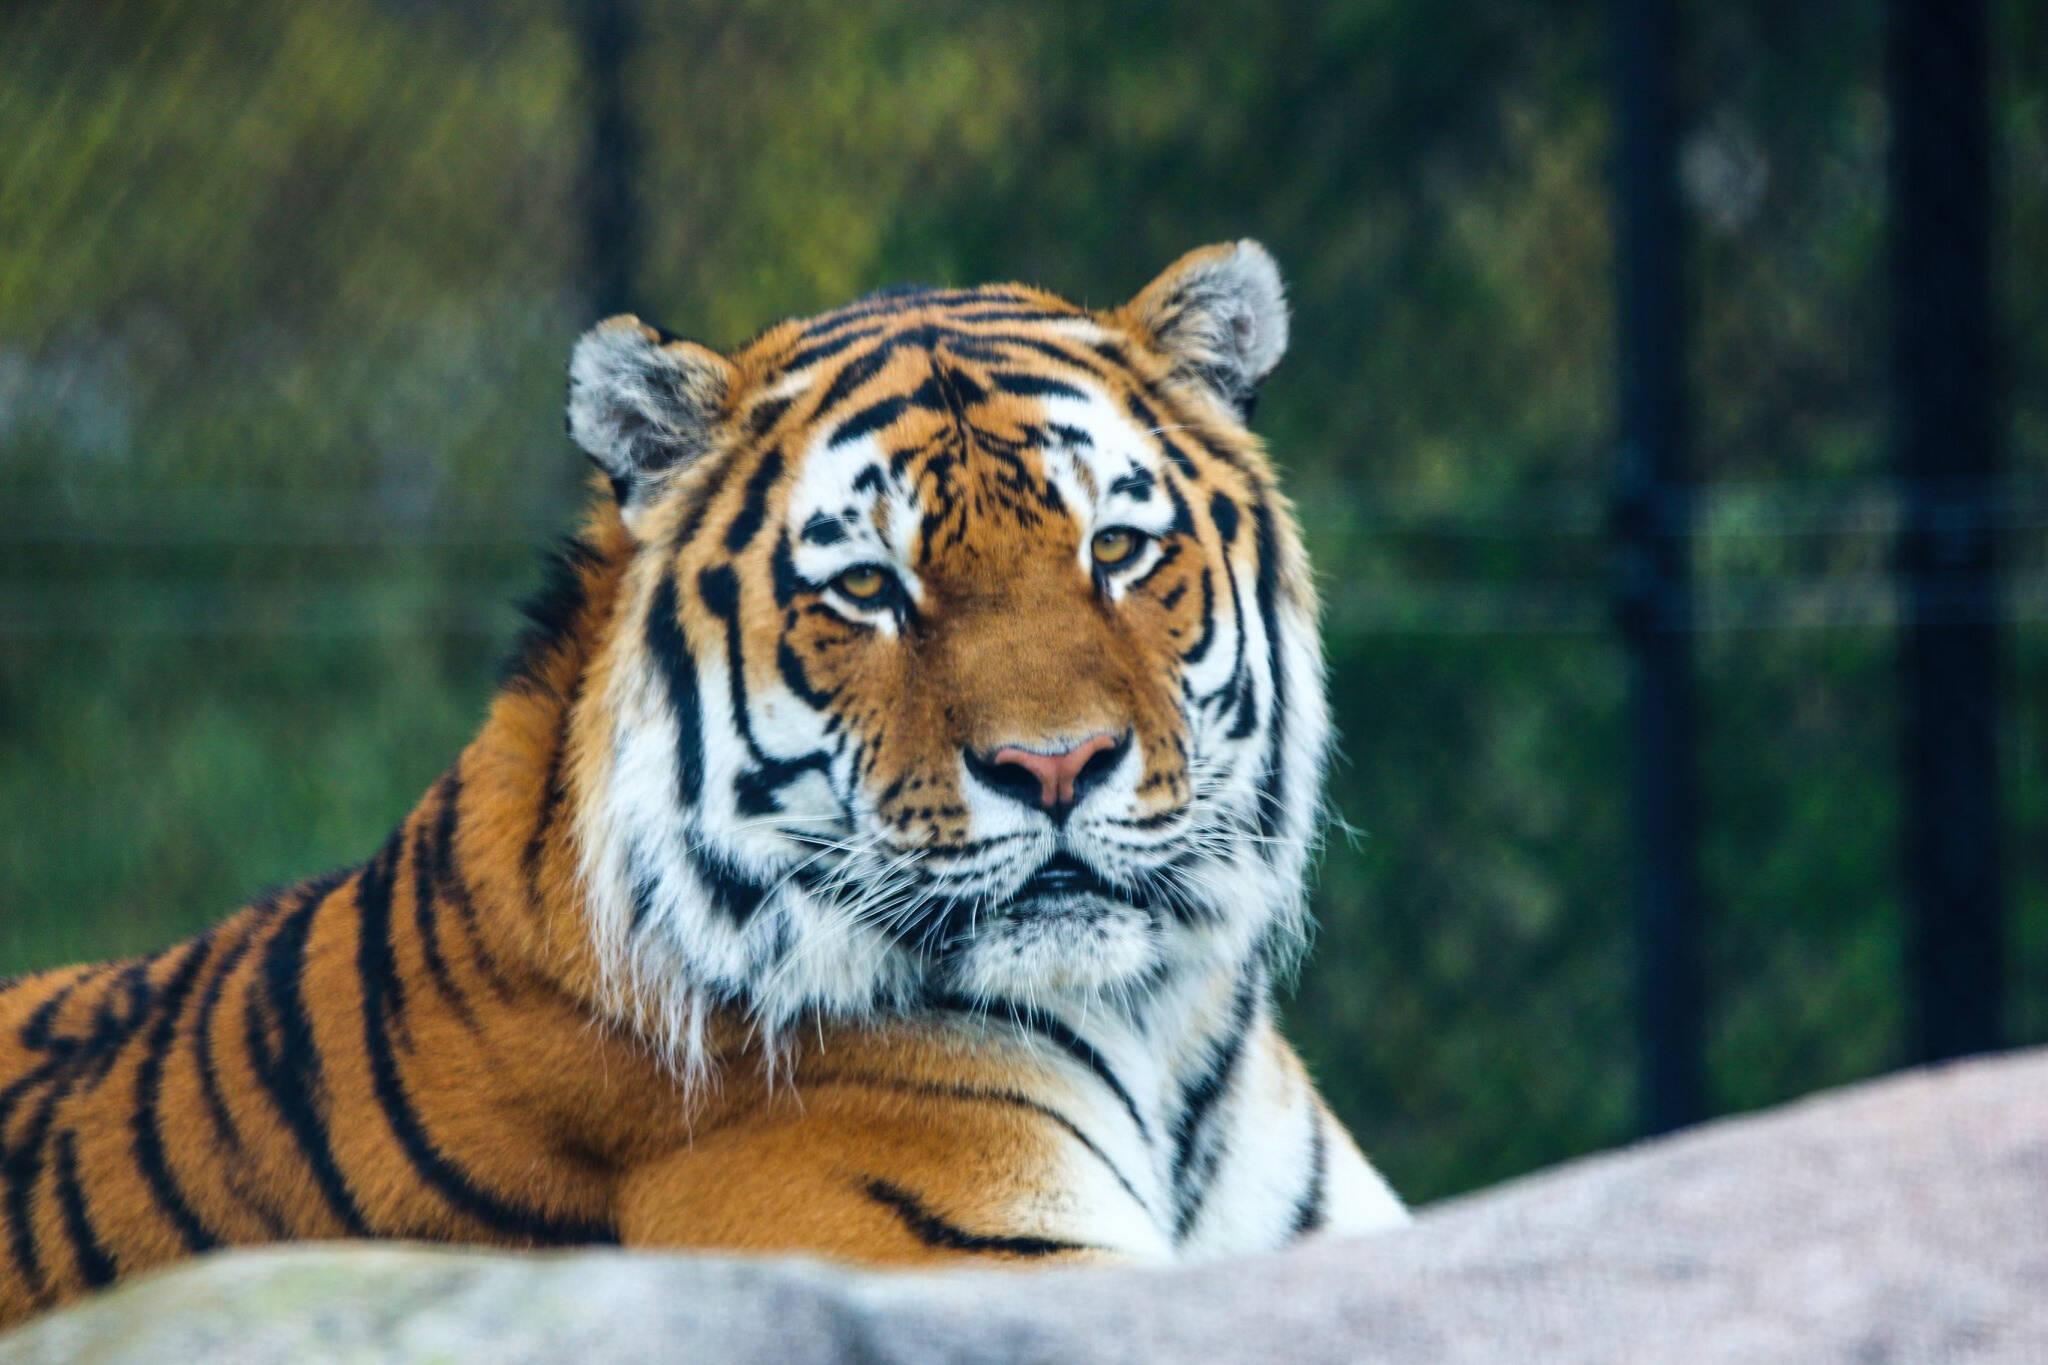 toronto zoo reopening